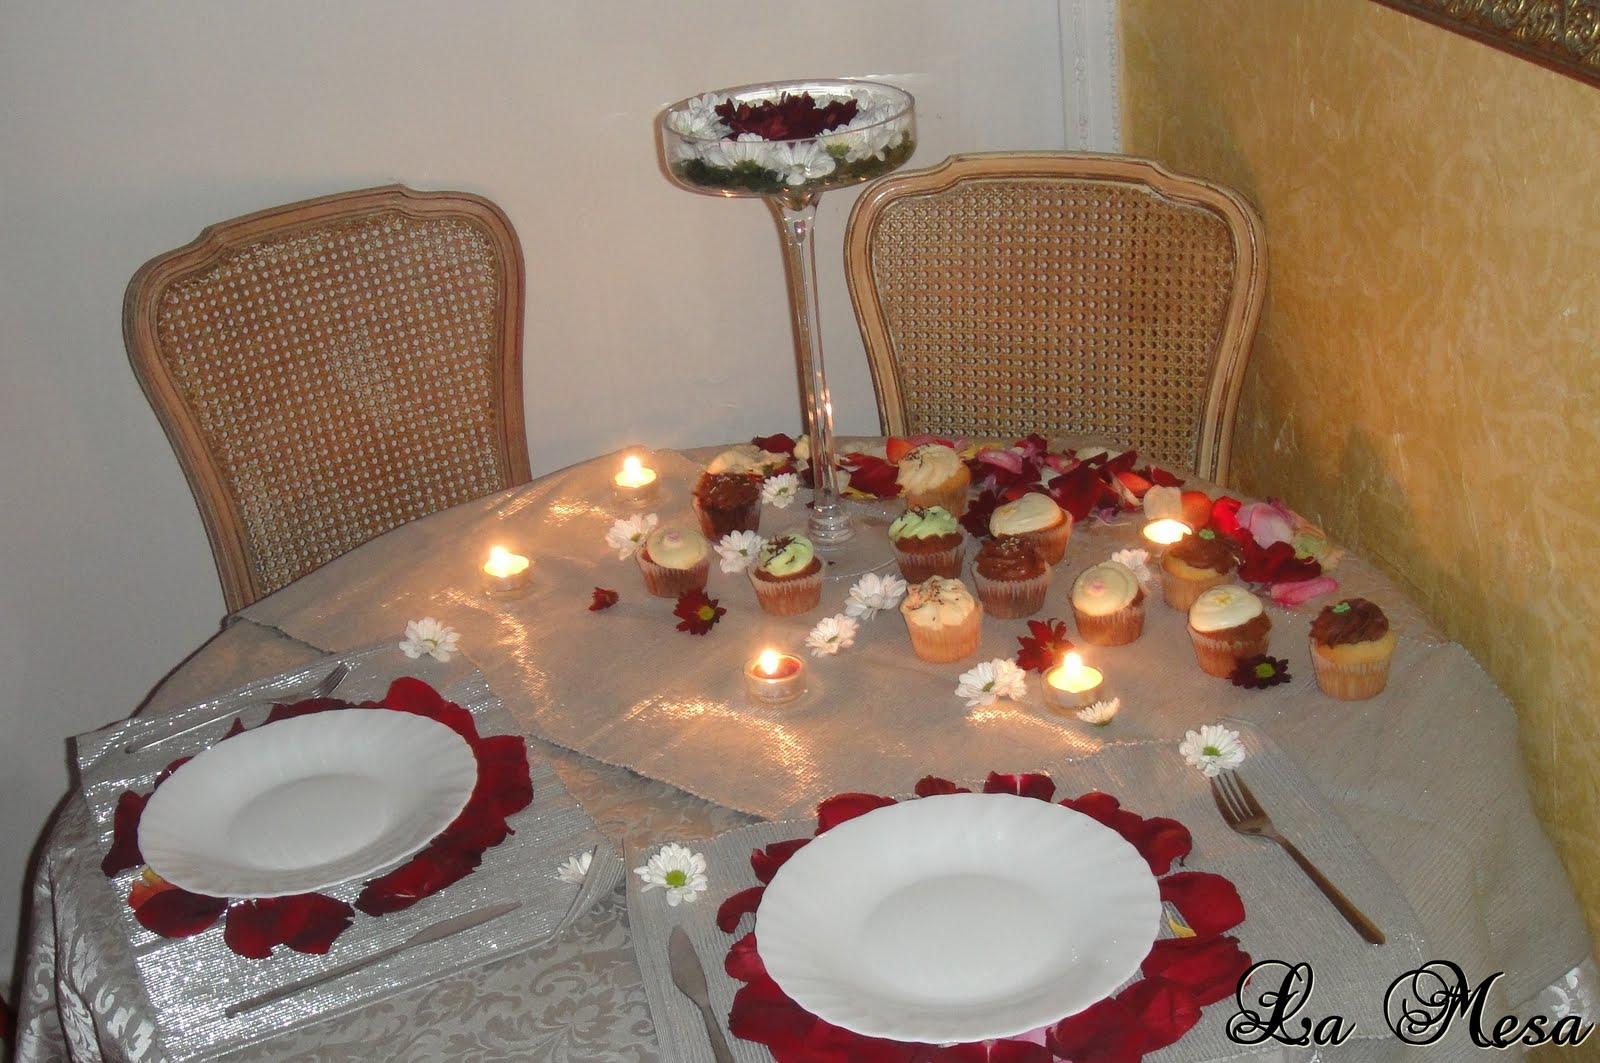 Как устроить романтический вечер мужу? Интересные идеи 19